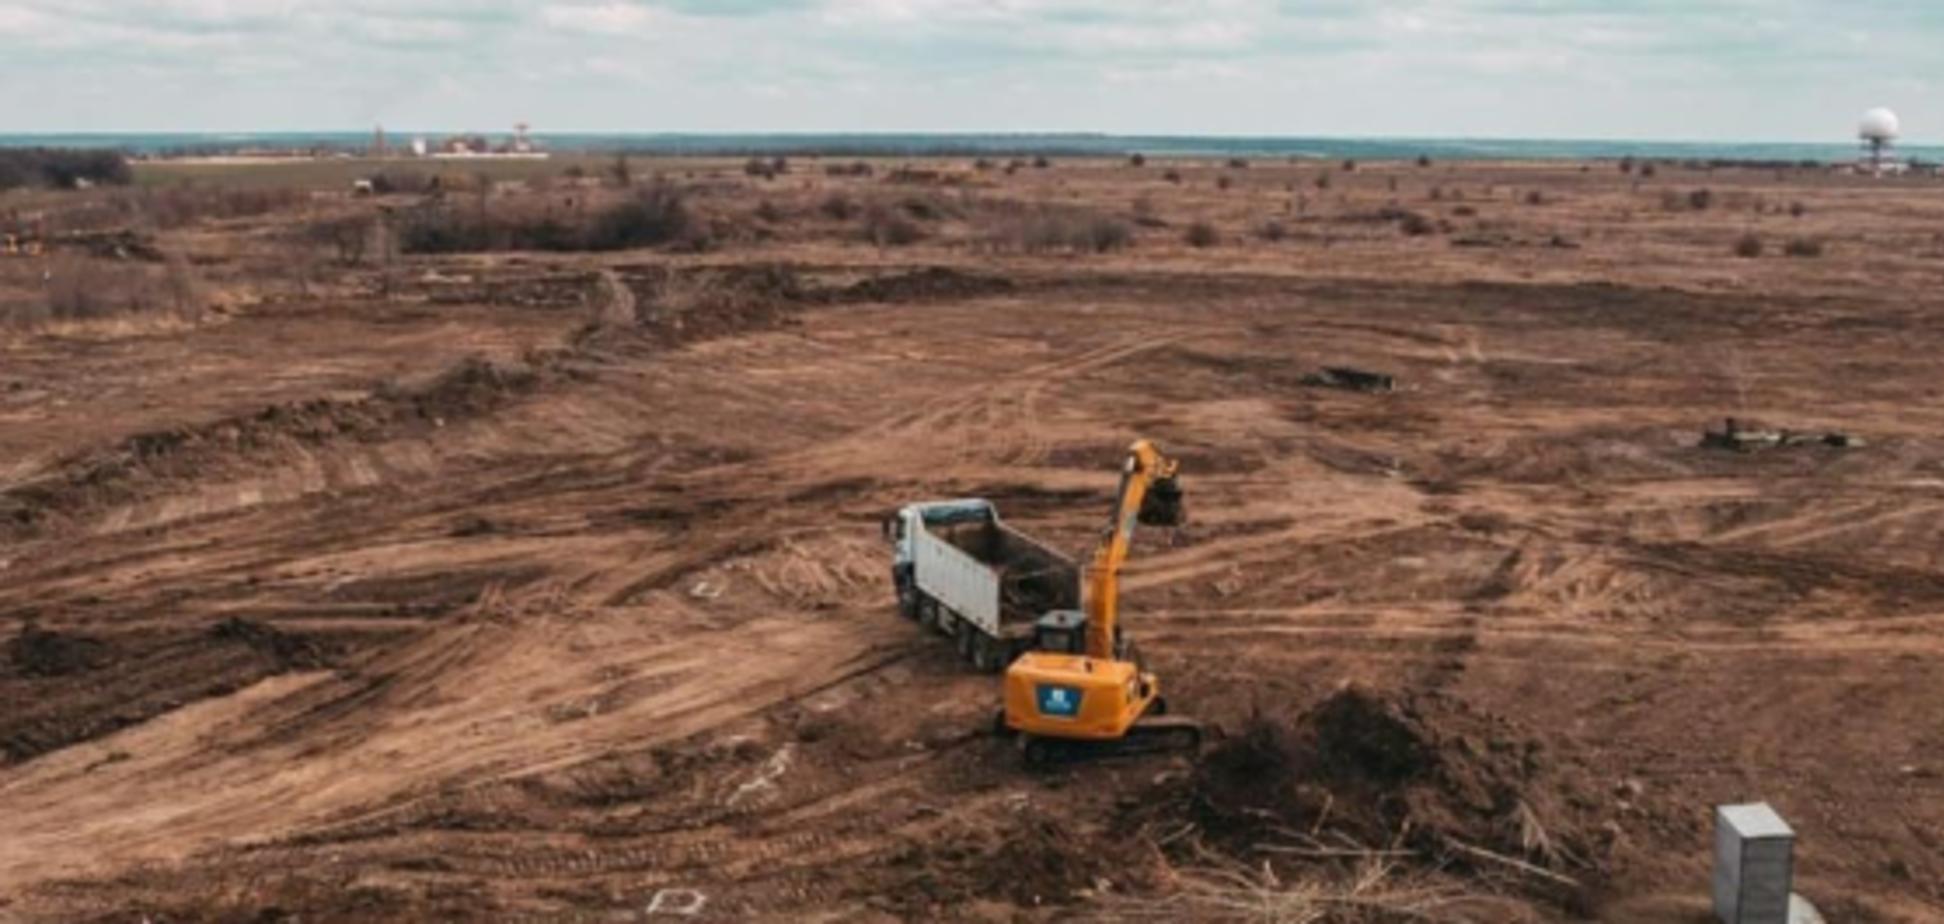 Політолог заявив, що 'слуга' Демченко збрехав щодо будівництва аеропорту в Дніпрі. Фото